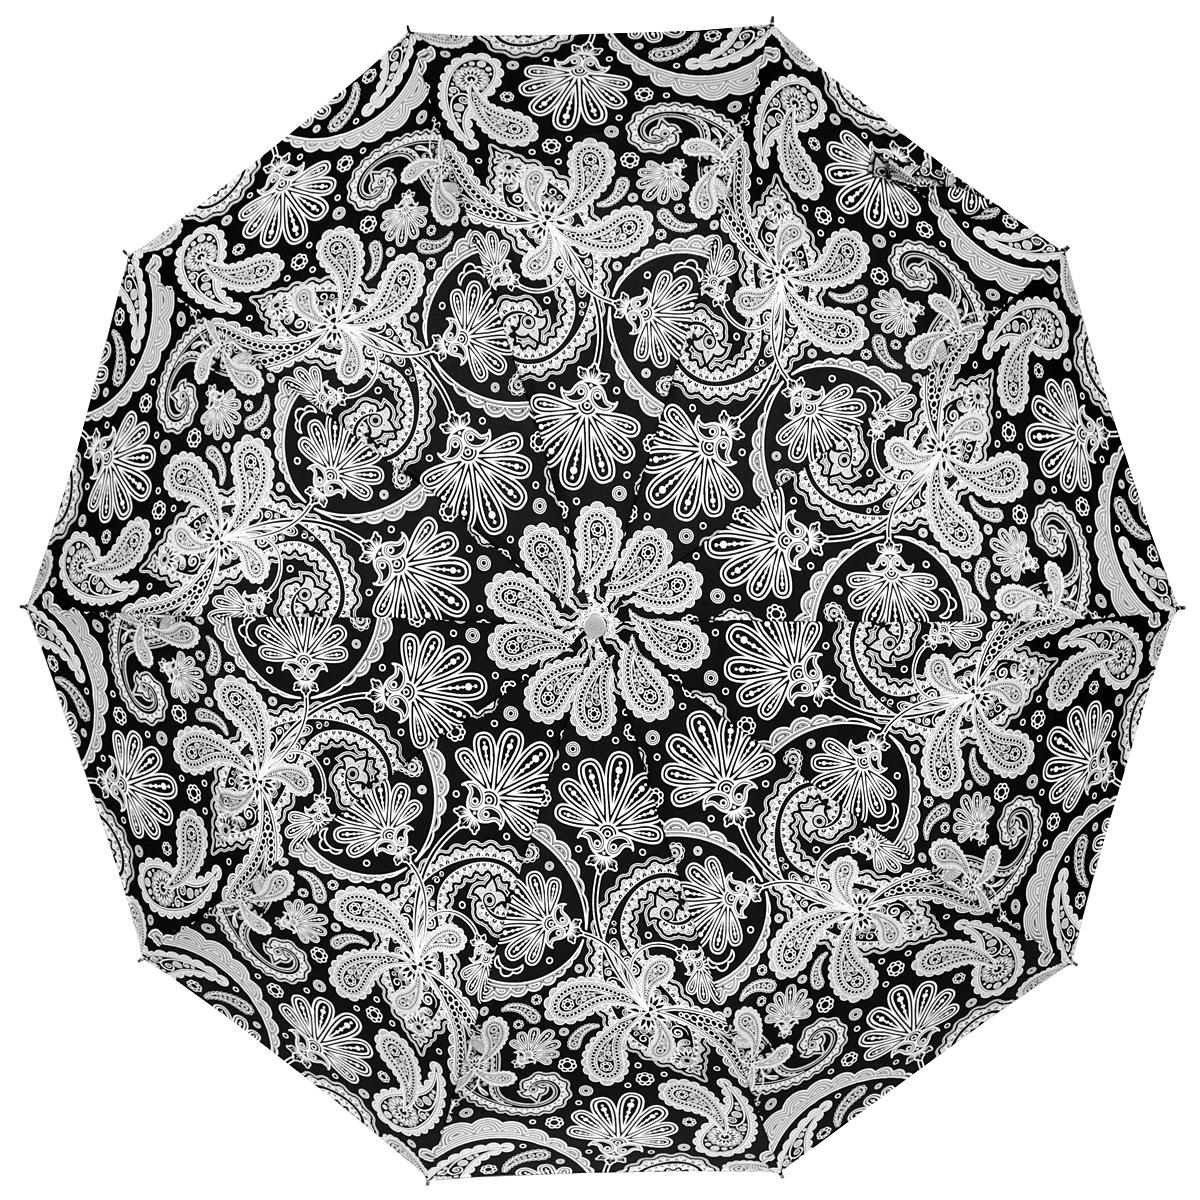 Зонт женский Zest, автомат, 3 сложения, цвет: черный, белый. 23969-119123969-1191Прелестный автоматический зонт Zest в 3 сложения изготовлен из высокопрочных материалов. Каркас зонта состоит из 10 спиц и прочного алюминиевого стержня. Специальная система Windproof защищает его от поломок во время сильных порывов ветра. Купол зонта выполнен из прочного полиэстера с водоотталкивающей пропиткой и оформлен стильным орнаментом. Рукоятка, разработанная с учетом требований эргономики, выполнена из металла и искусственной кожи. Зонт имеет полный автоматический механизм сложения: купол открывается и закрывается нажатием кнопки на рукоятке, стержень складывается вручную до характерного щелчка. Благодаря этому открыть и закрыть зонт можно одной рукой, что чрезвычайно удобно при входе в транспорт или помещение. Небольшой шнурок, расположенный на рукоятке, позволяет надеть изделие на руку при необходимости. Модель закрывается при помощи хлястика на застежку-липучку. К зонту прилагается чехол, который оснащен двумя удобными ручками. Очаровательный зонт не...